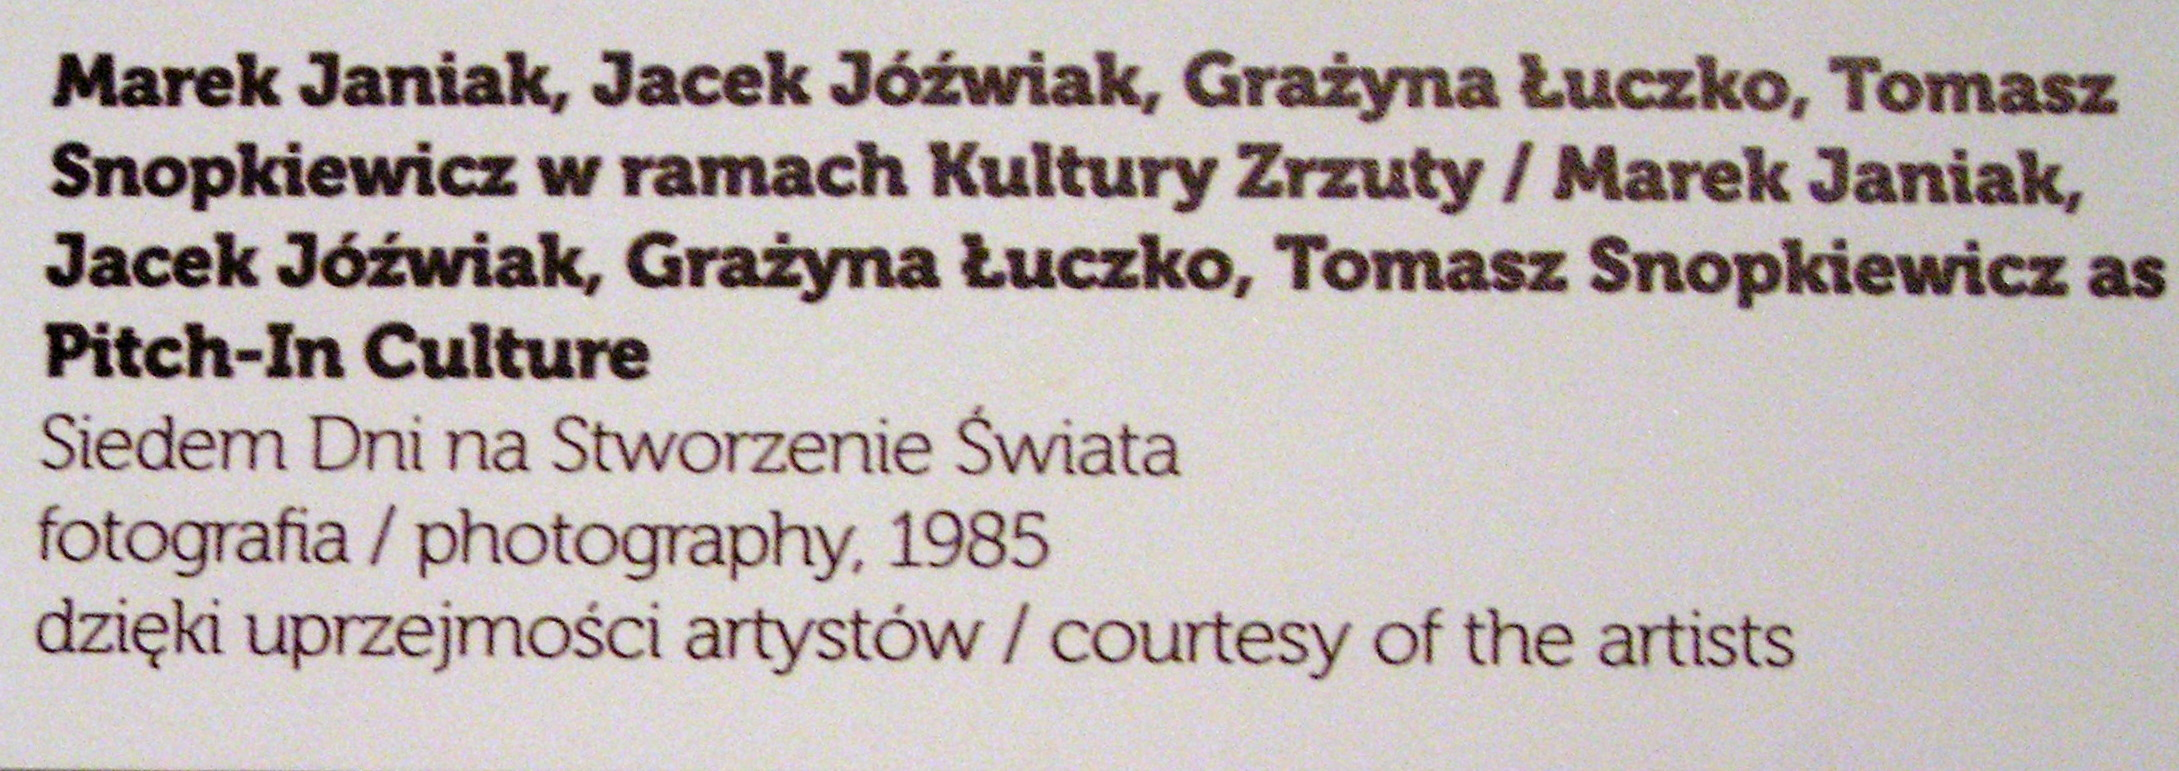 """Niewłaściwy podpis pod pracą, który powinien brzmieć: krąg Łodzi Kaliskiej i grupa Urząd Miasta, """"Siedem dni na stworzenie świata"""", 1985 (1981), fot., malarstwo, fot. K. Jurecki"""